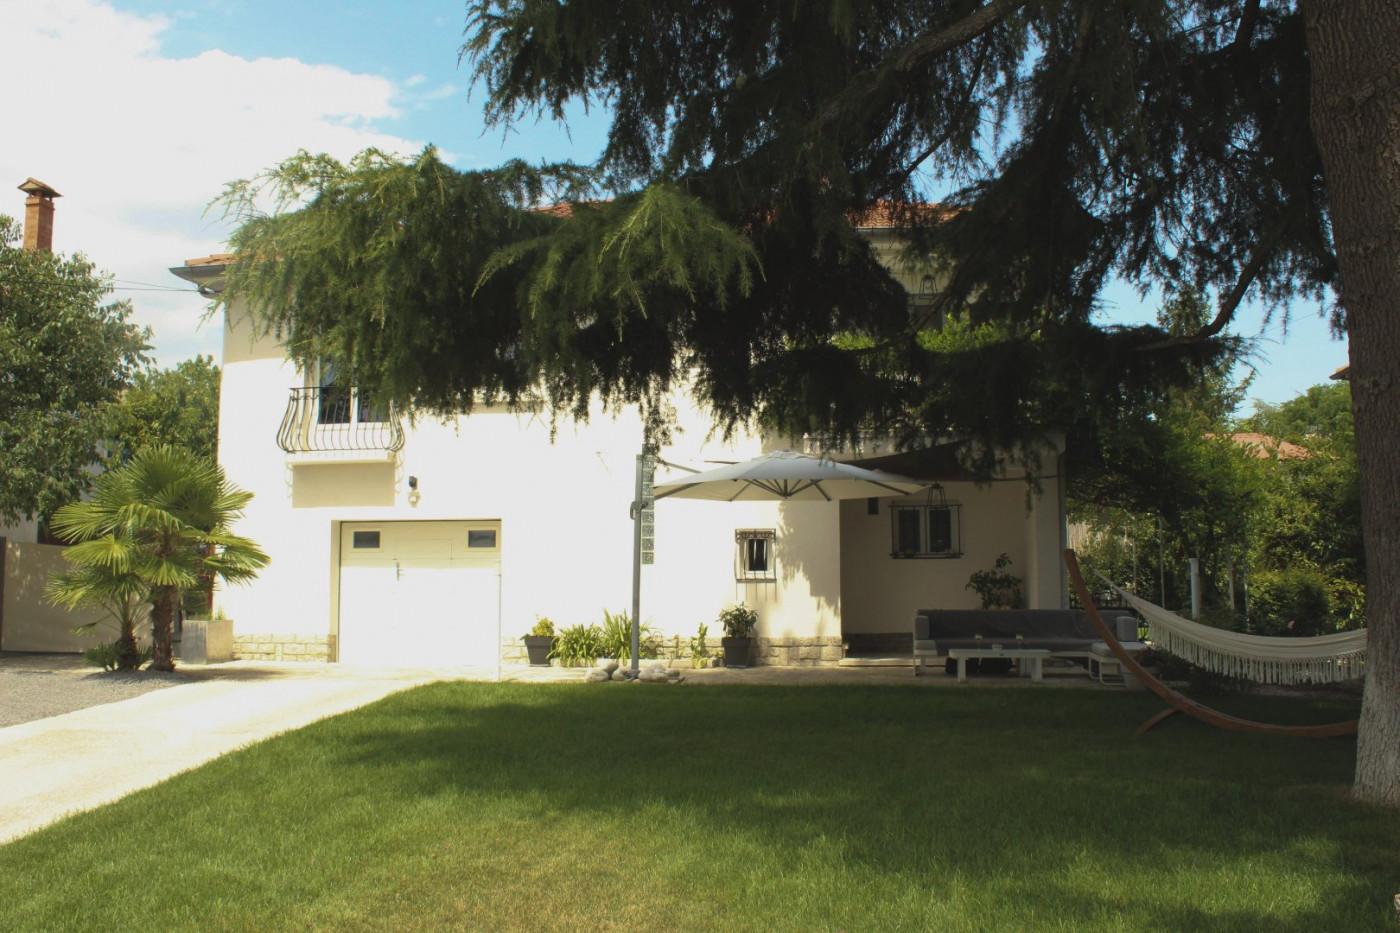 A vendre  Castelnau Le Lez   Réf 34563941 - Immobiliere dejean patrimoine